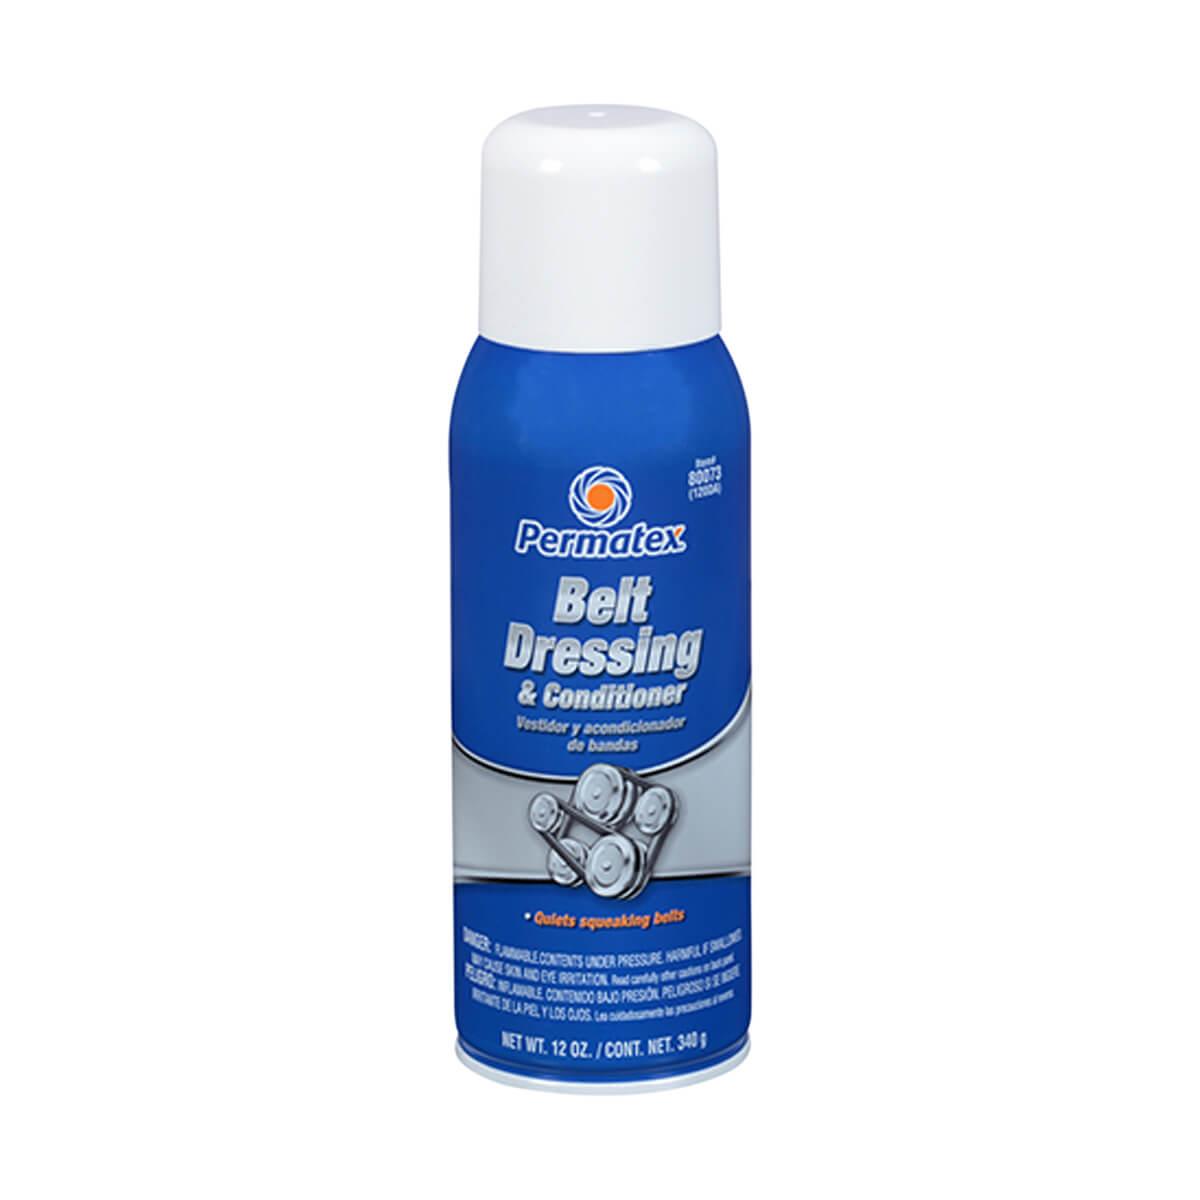 Permatex® Belt Dressing & Conditioner 340 g